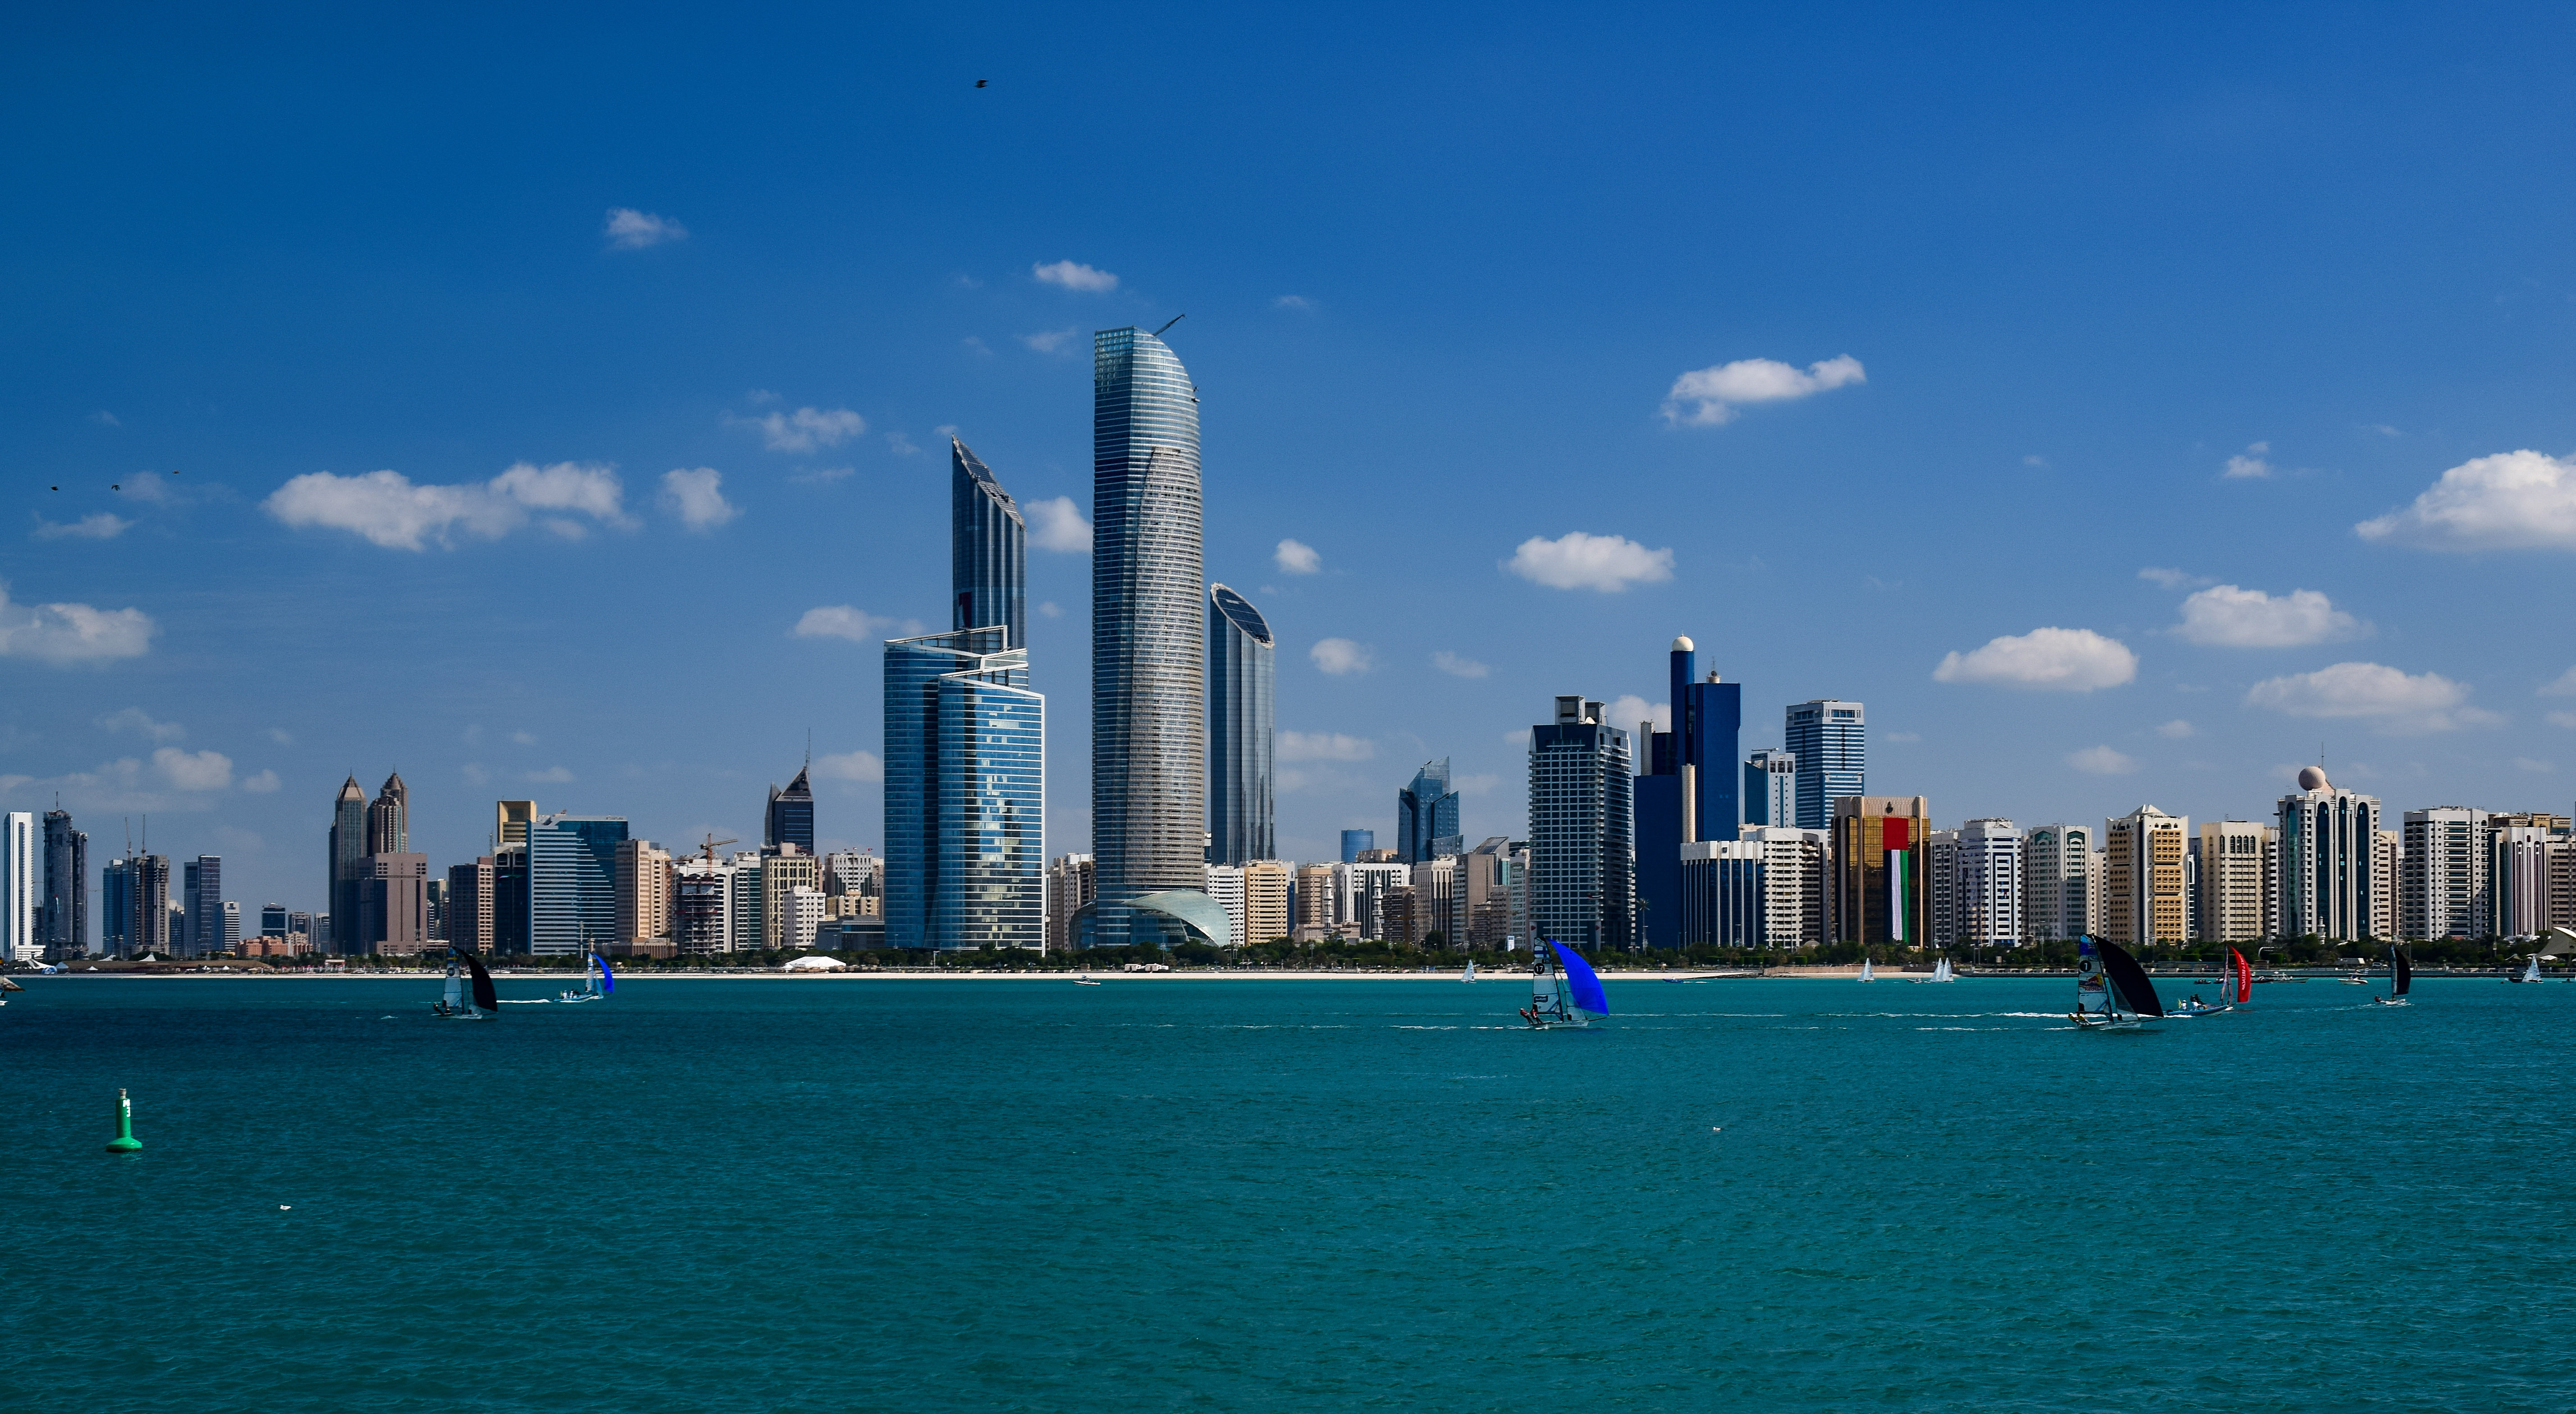 Abu Dhabi Wikipedia